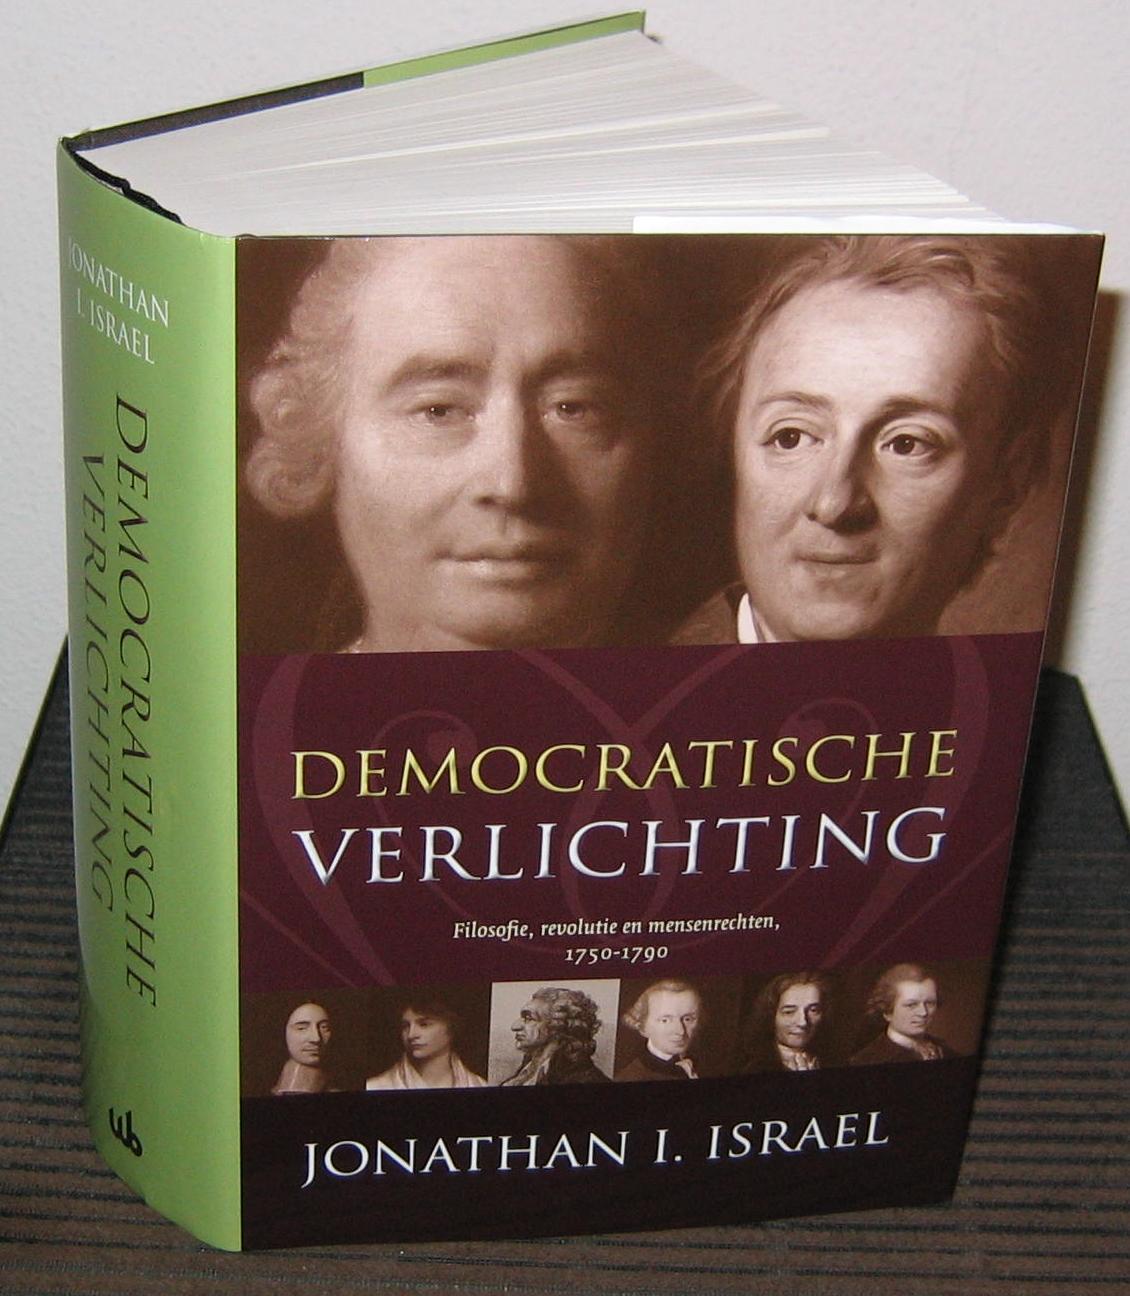 http://2.bp.blogspot.com/-je_btQKxQg8/VkH2mz4trsI/AAAAAAAAZ0E/A73sYvFdg7A/s1600/Jonathan_Israel_Democratische_Verlichting.JPG